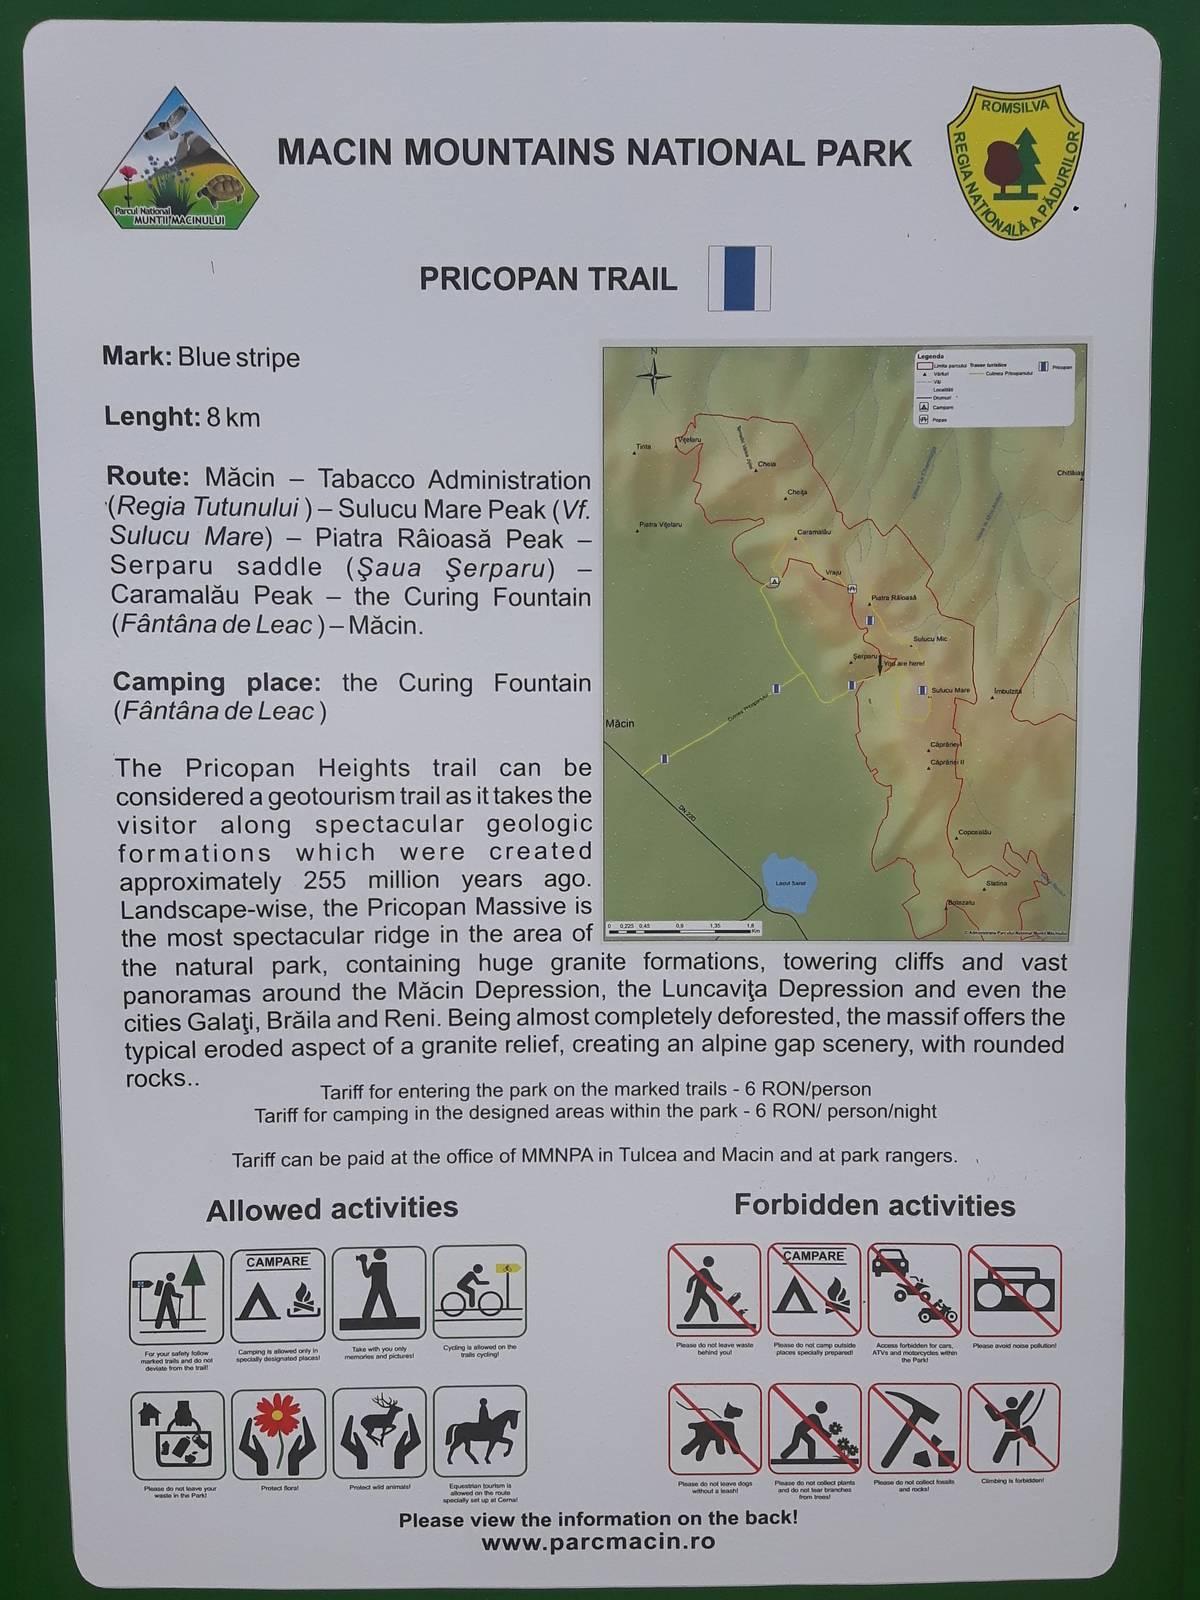 Macin_Mountains_national_park_10-09-2018_01